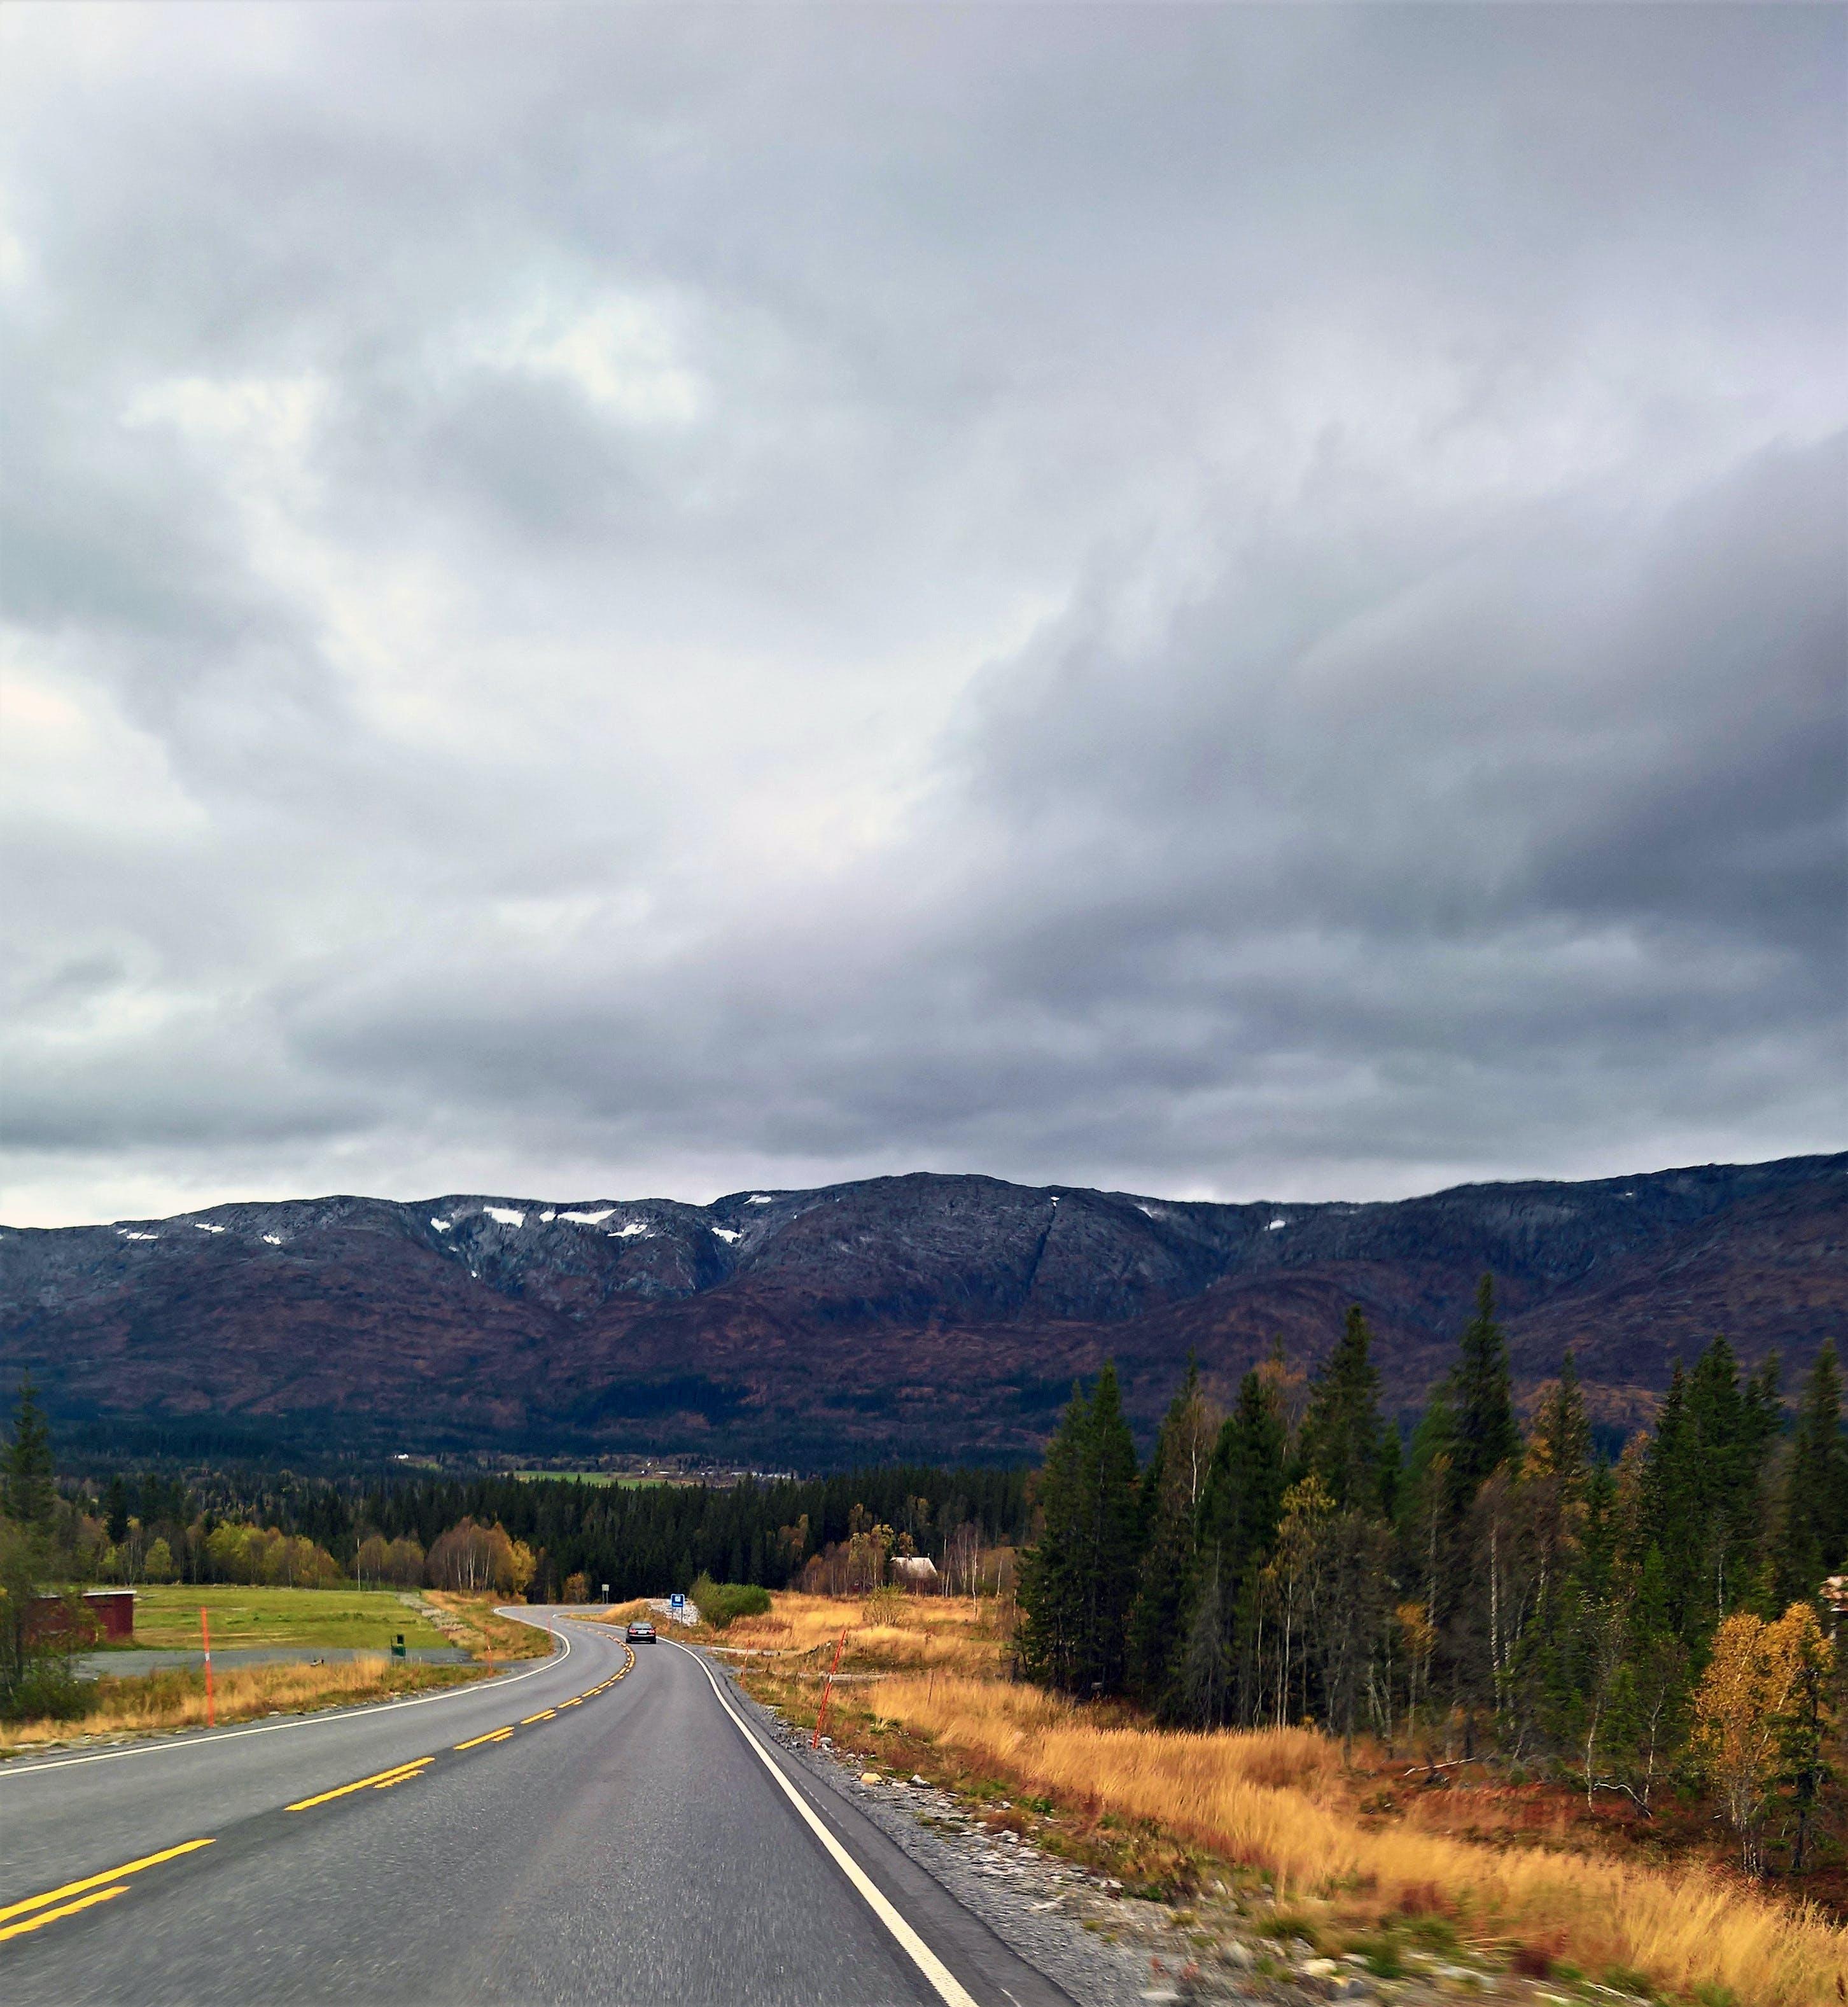 Δωρεάν στοκ φωτογραφιών με άσφαλτος, αυτοκινητόδρομος, βουνό, γρασίδι